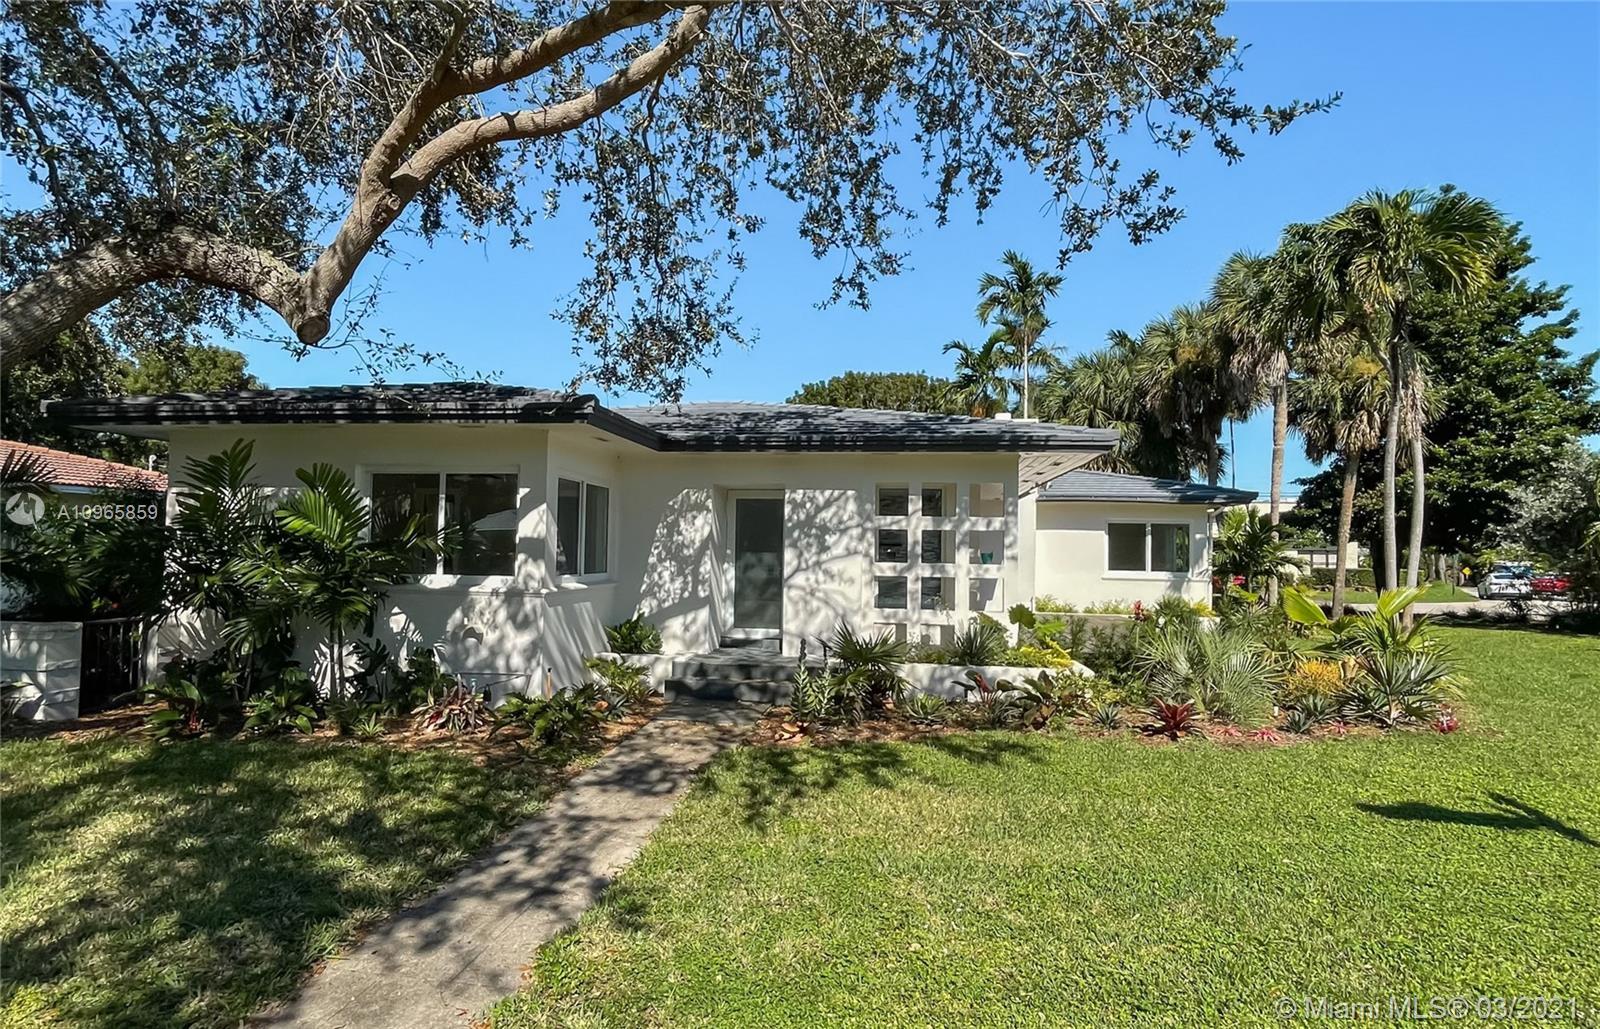 Miami Shores - 1191 NE 103rd St, Miami Shores, FL 33138